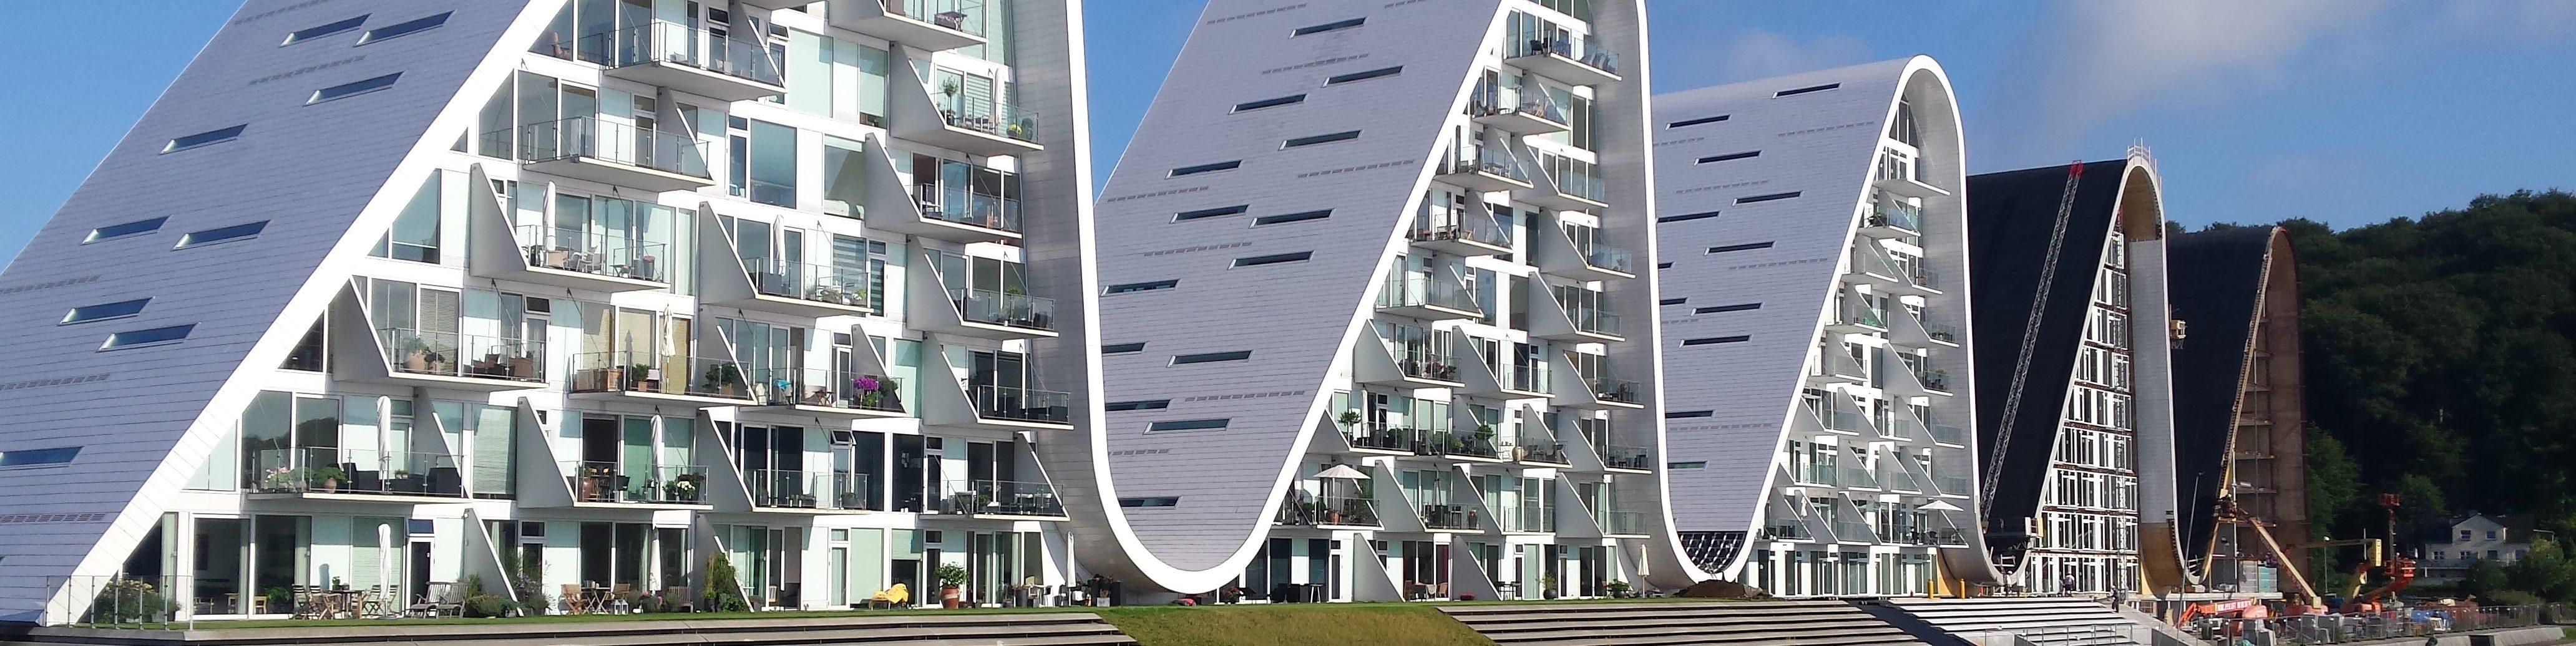 Architectuurhistoricus Alex Hendriksen blogt over de onbekende  stad